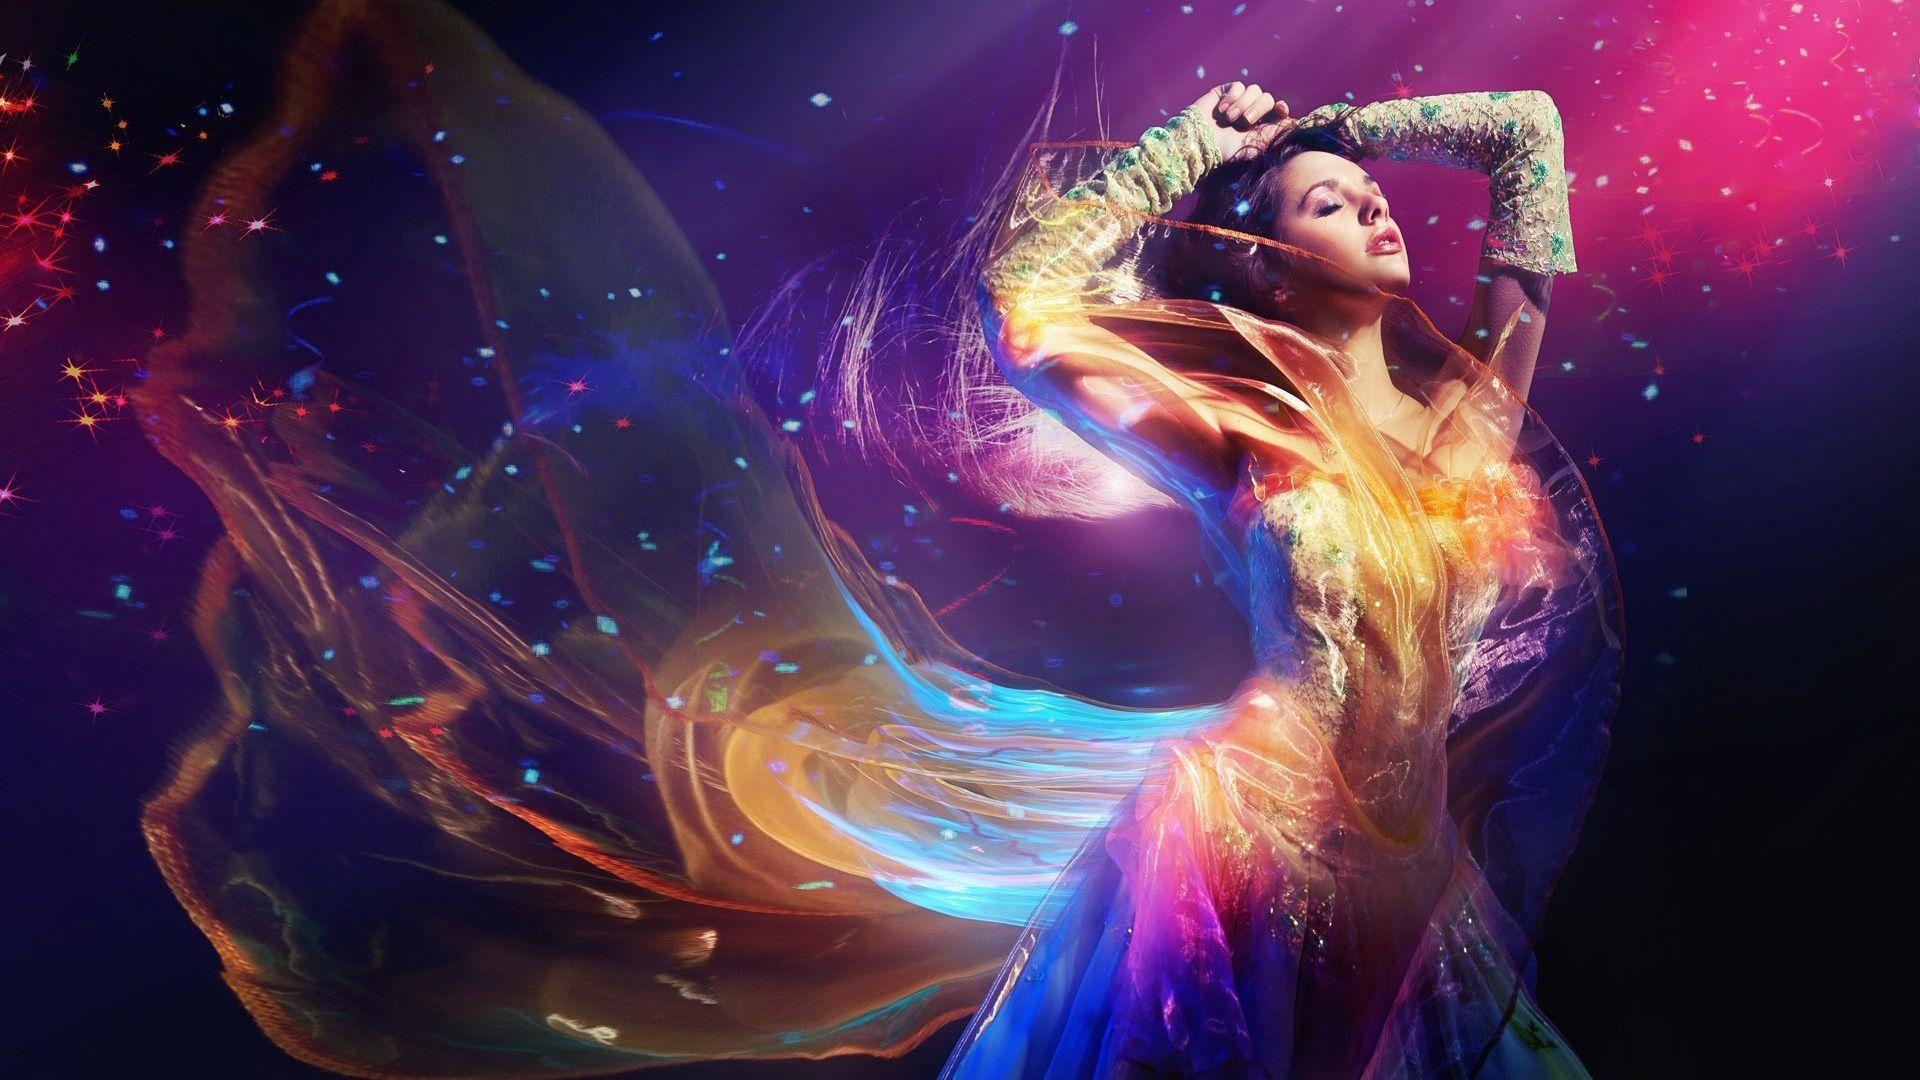 Dance desktop wallpaper